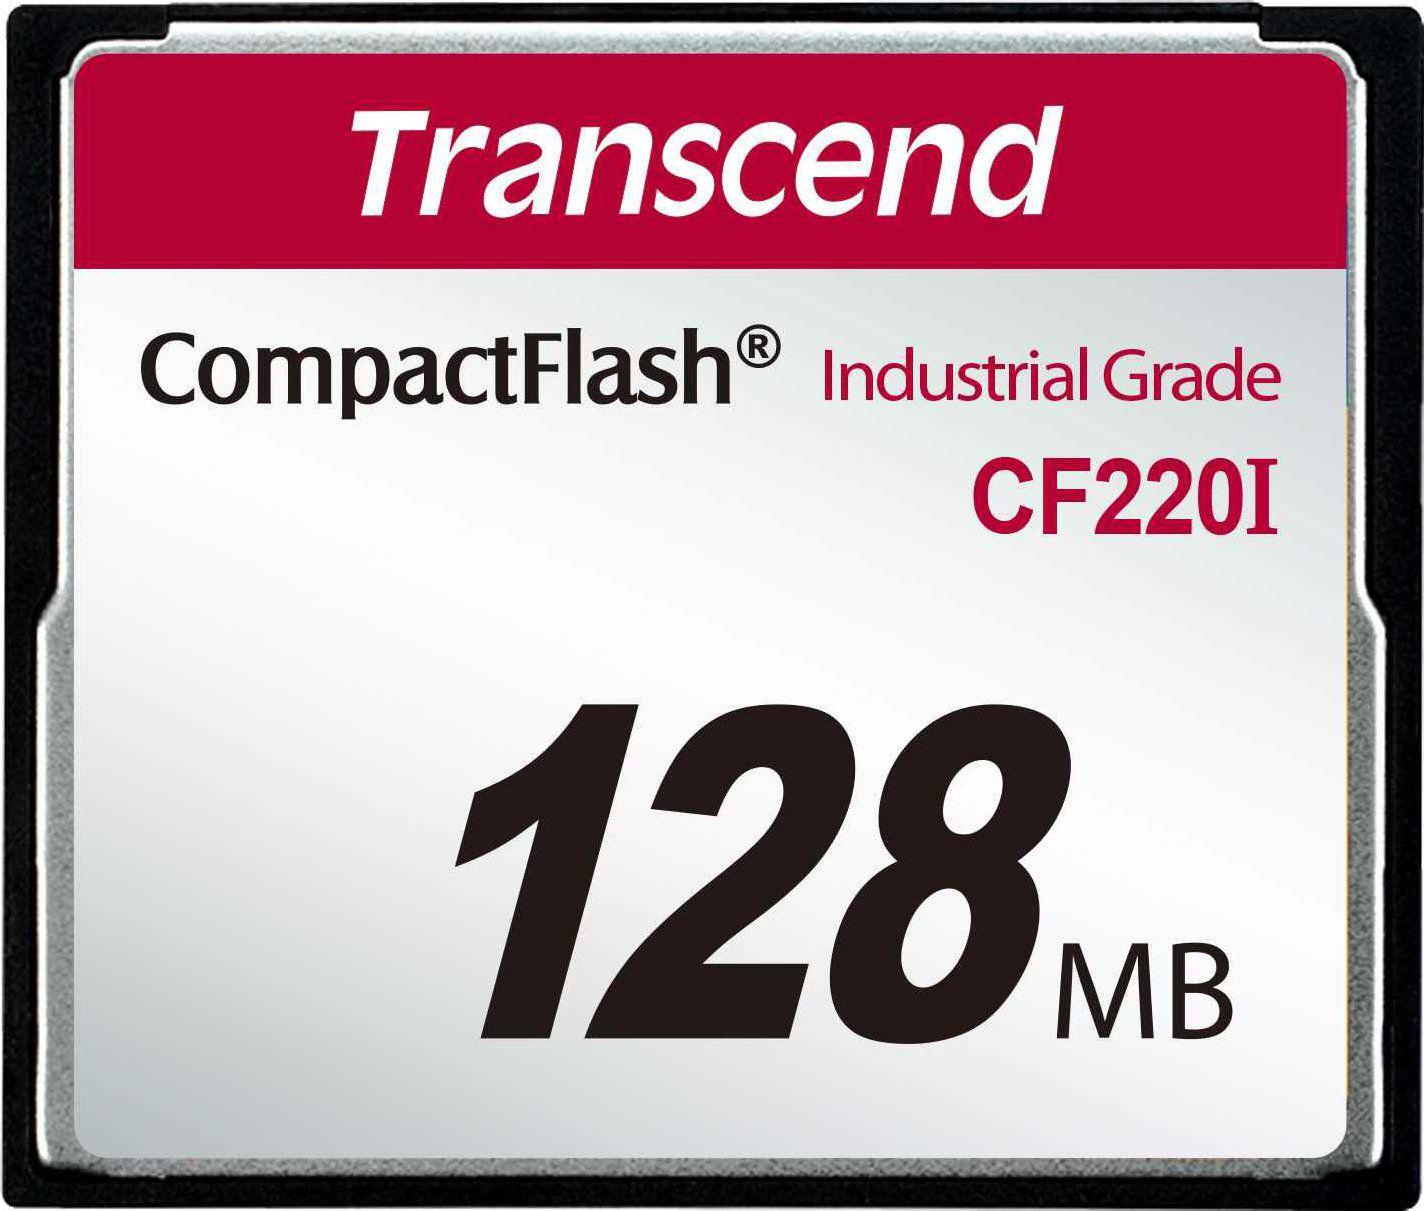 Cartao de memoria CompactFlash Transcend 128MB TS128MCF220I 200x Industrial Grade